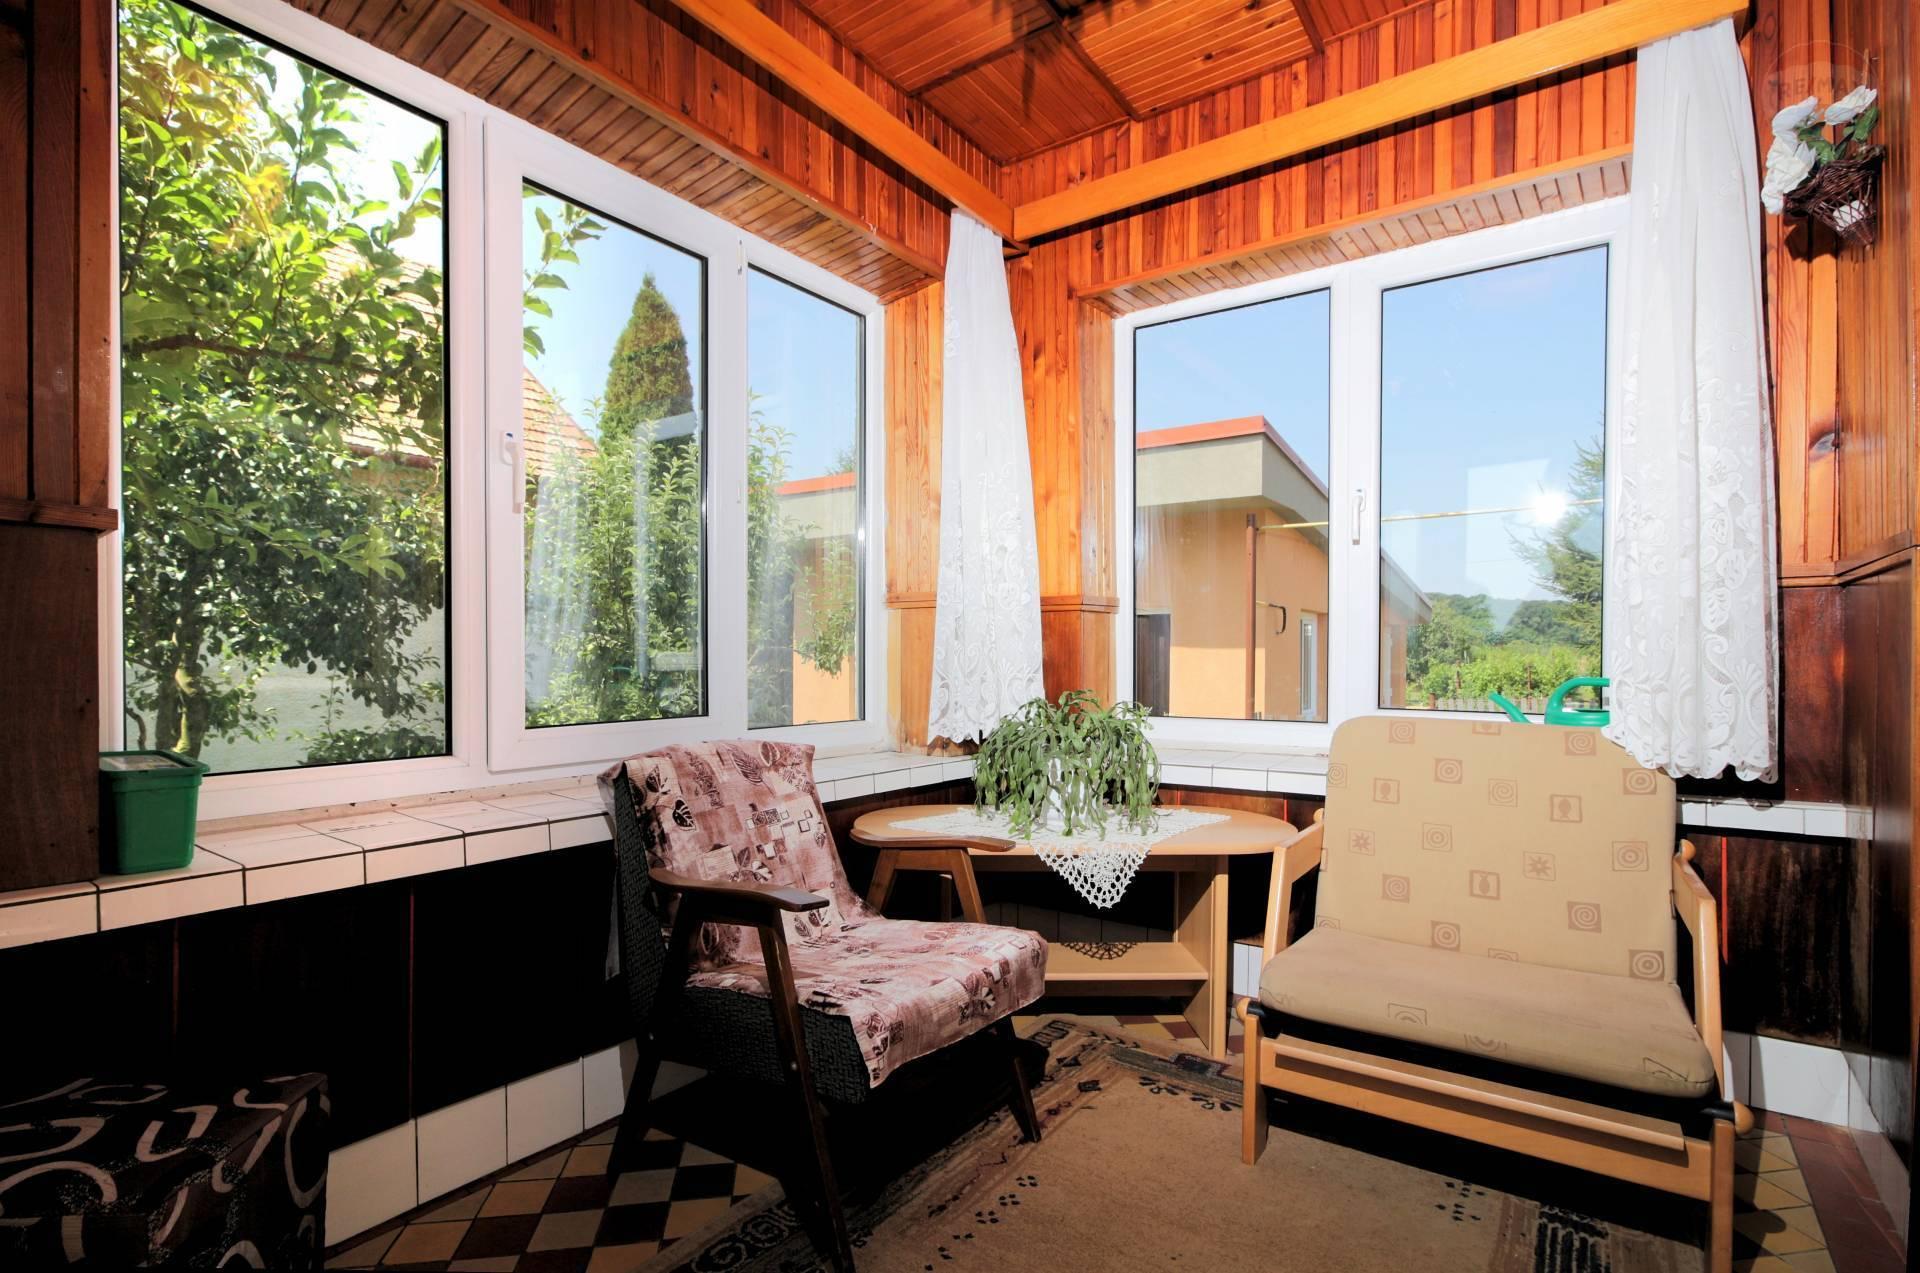 Predaj domu 100 m2, Cabaj-Čápor - NA PREDAJ RODINNÝ DOM, CABAJ-ČÁPOR ČASŤ PEREŠ